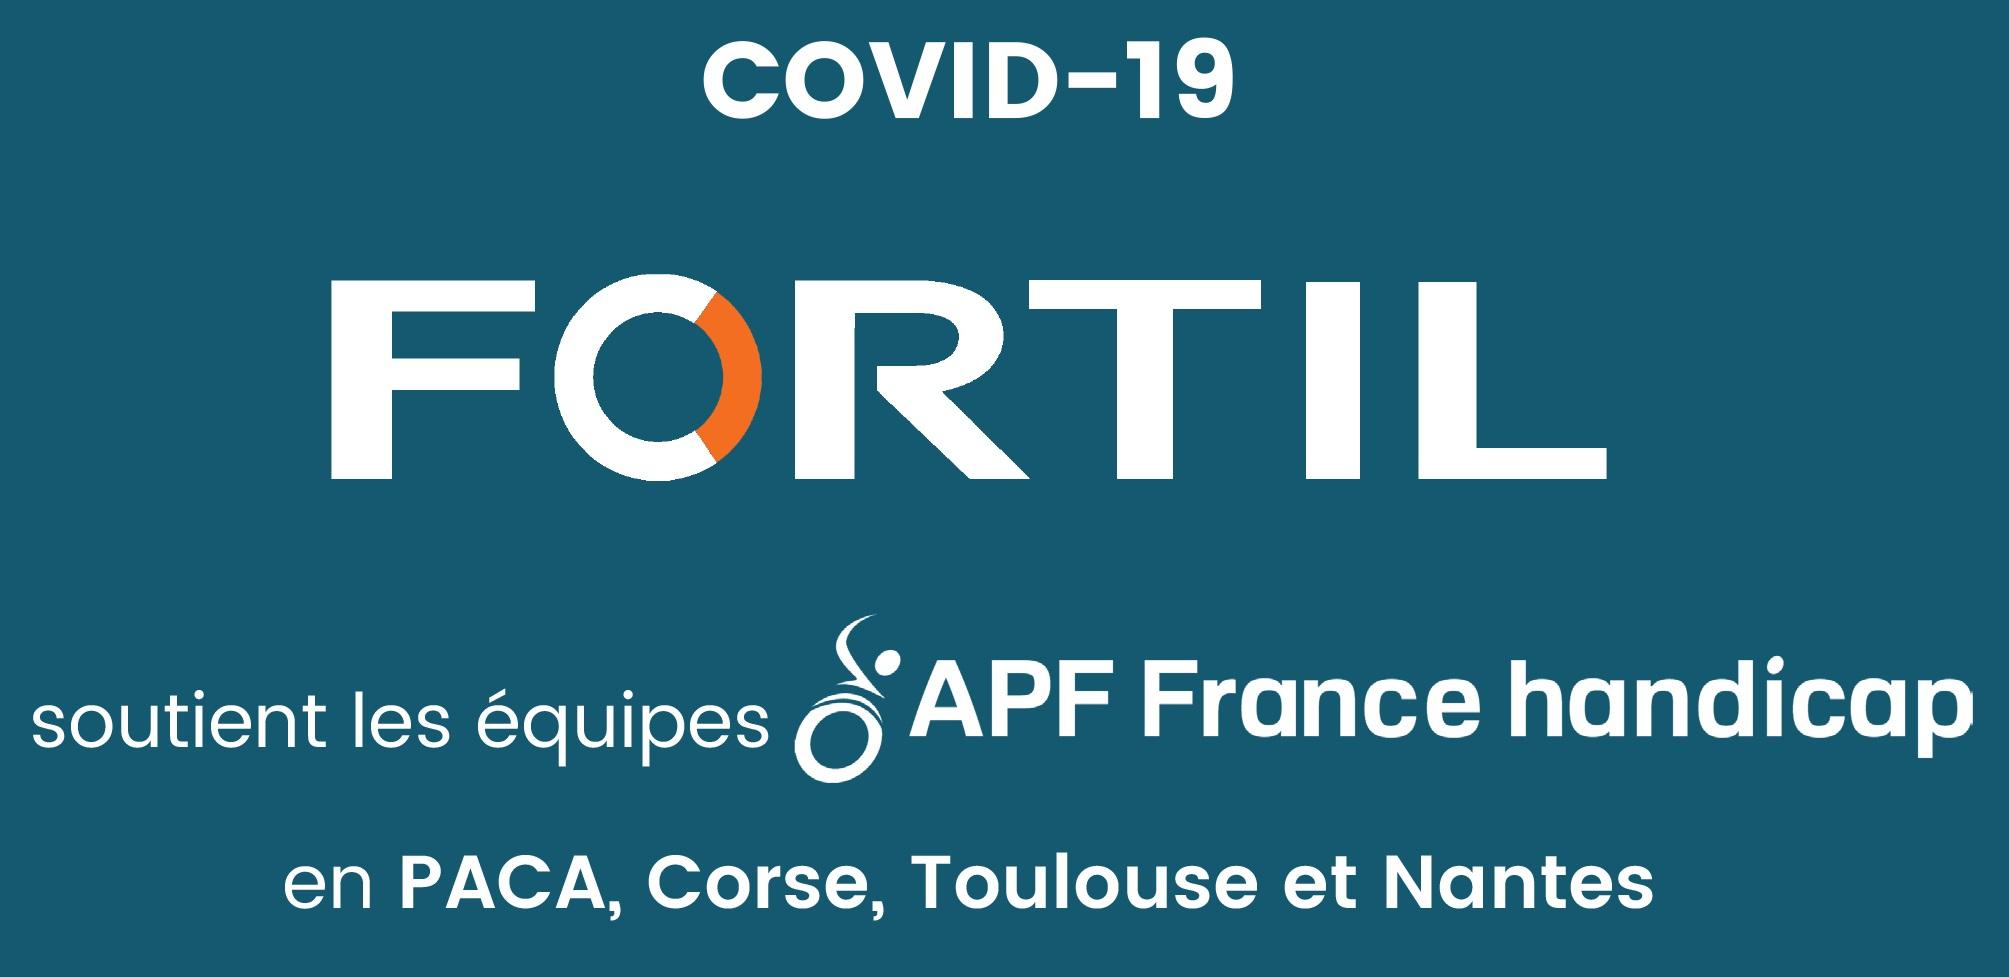 Le groupe FORTIL soutient les équipes d'APF France handicap en période de Covid-19